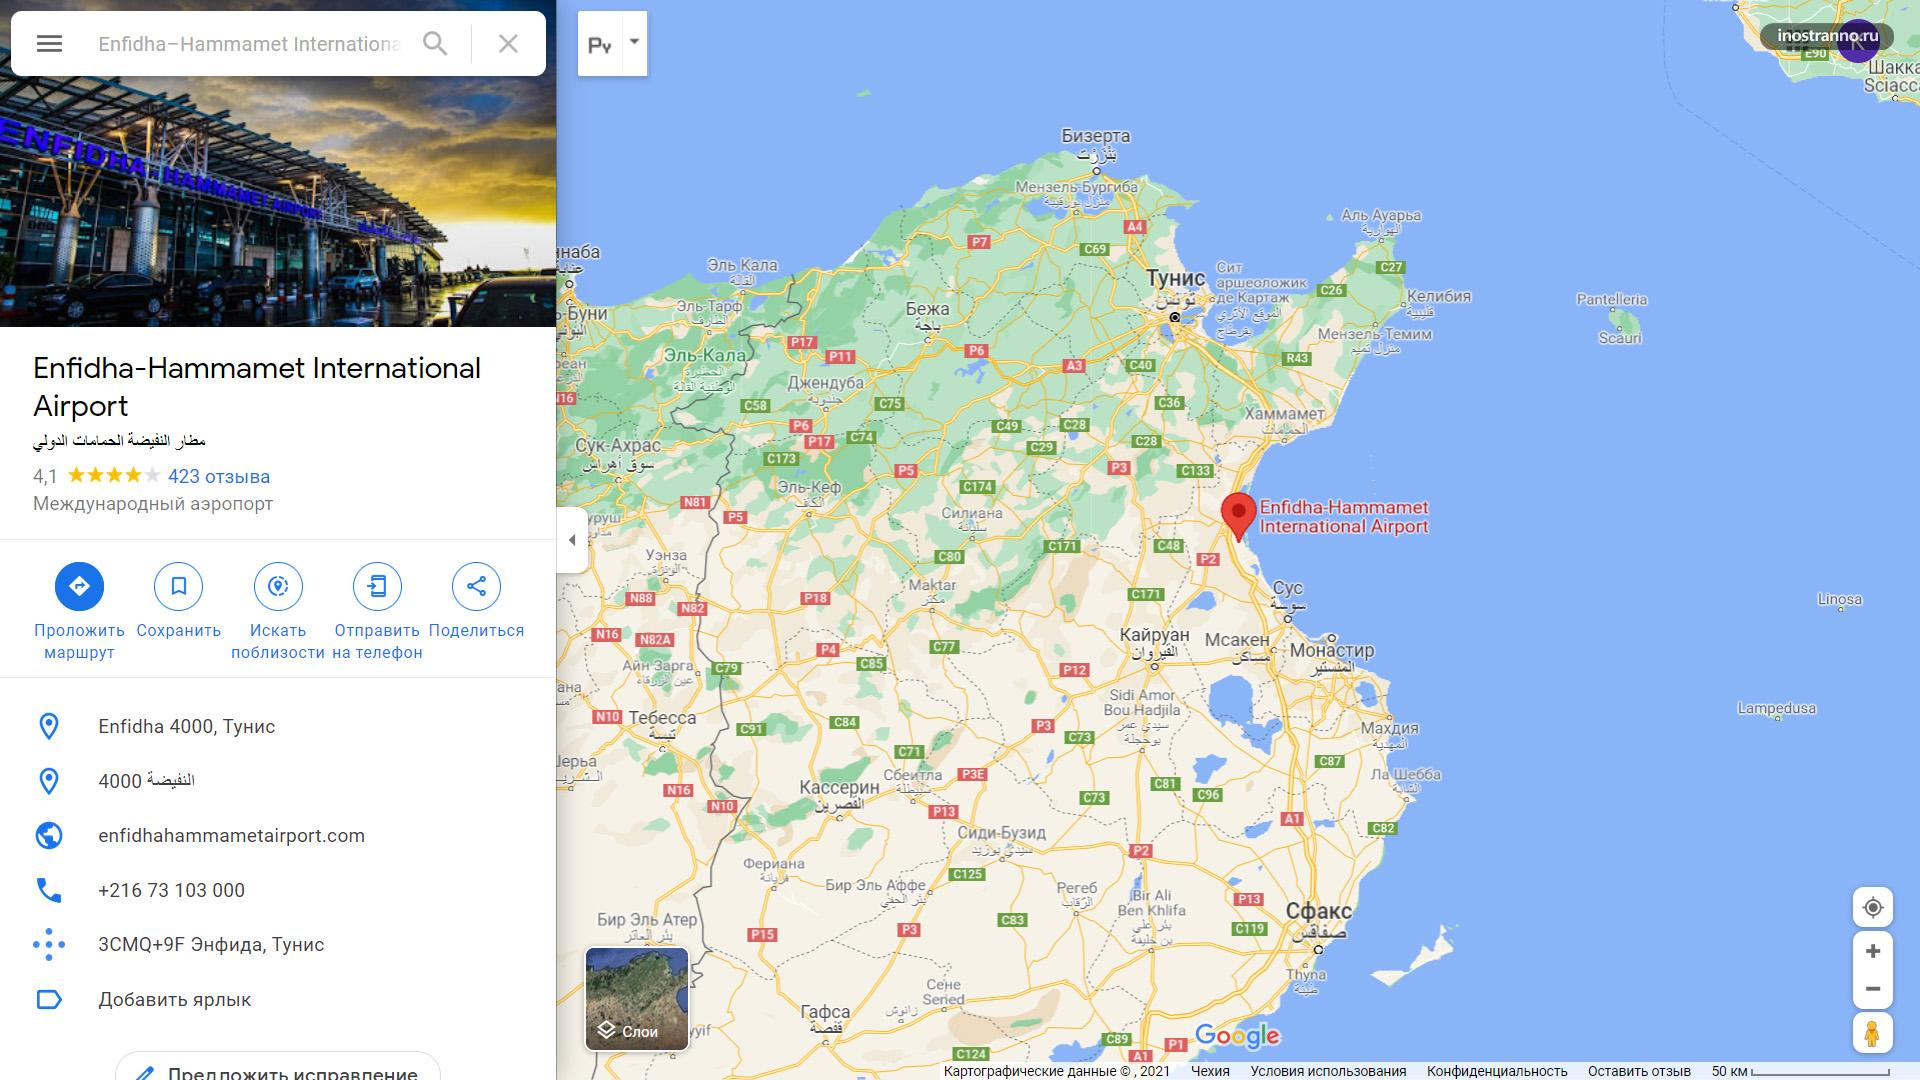 Международный аэропорт Энфида-Хаммамет на карте